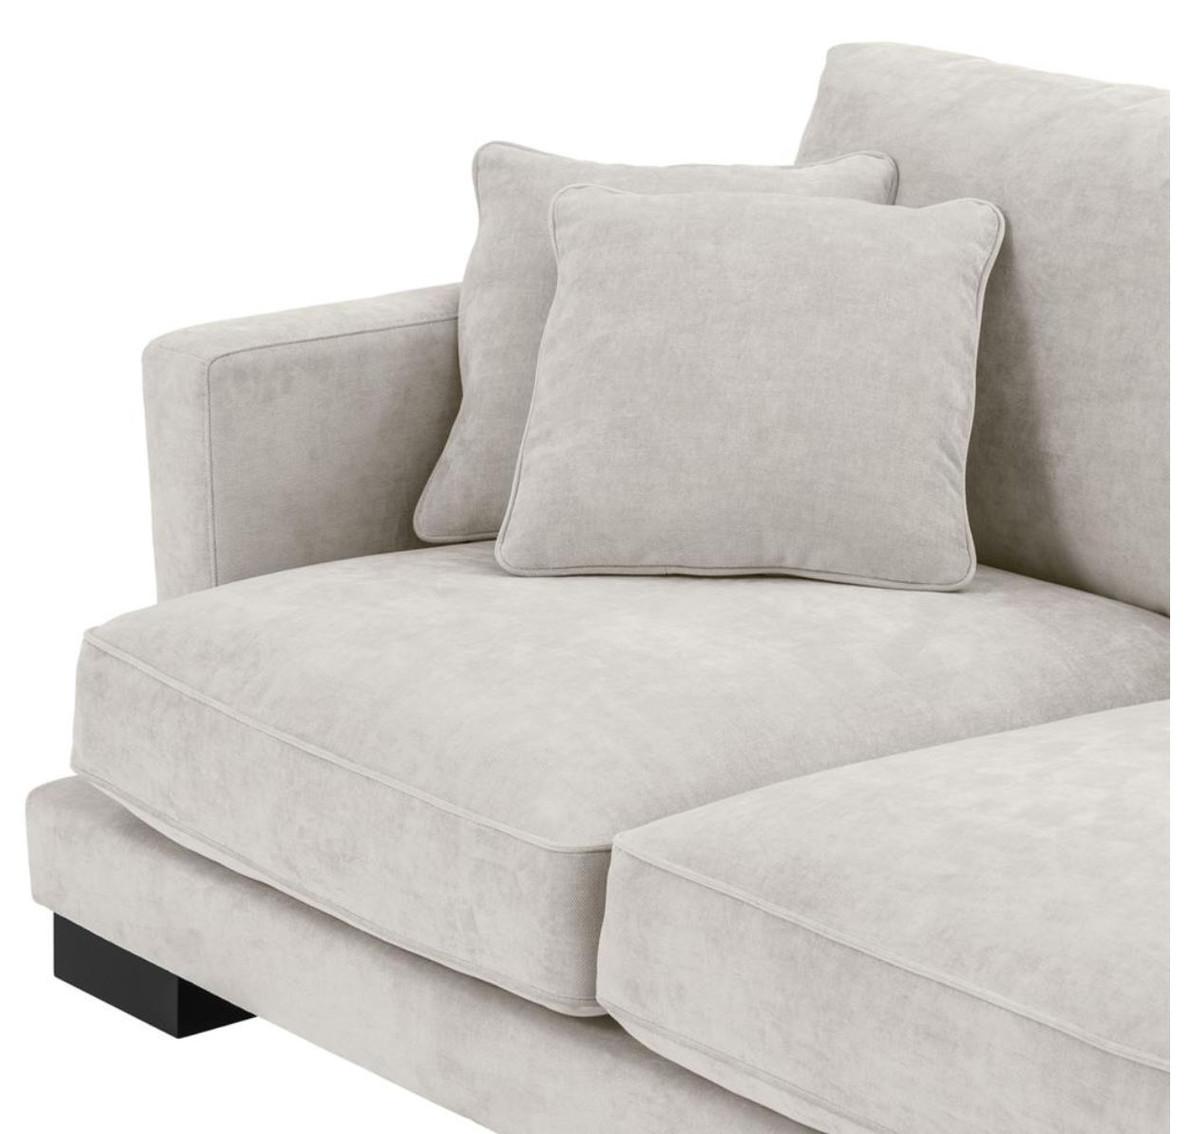 casa padrino luxus wohnzimmer sofa sandfarben schwarz. Black Bedroom Furniture Sets. Home Design Ideas